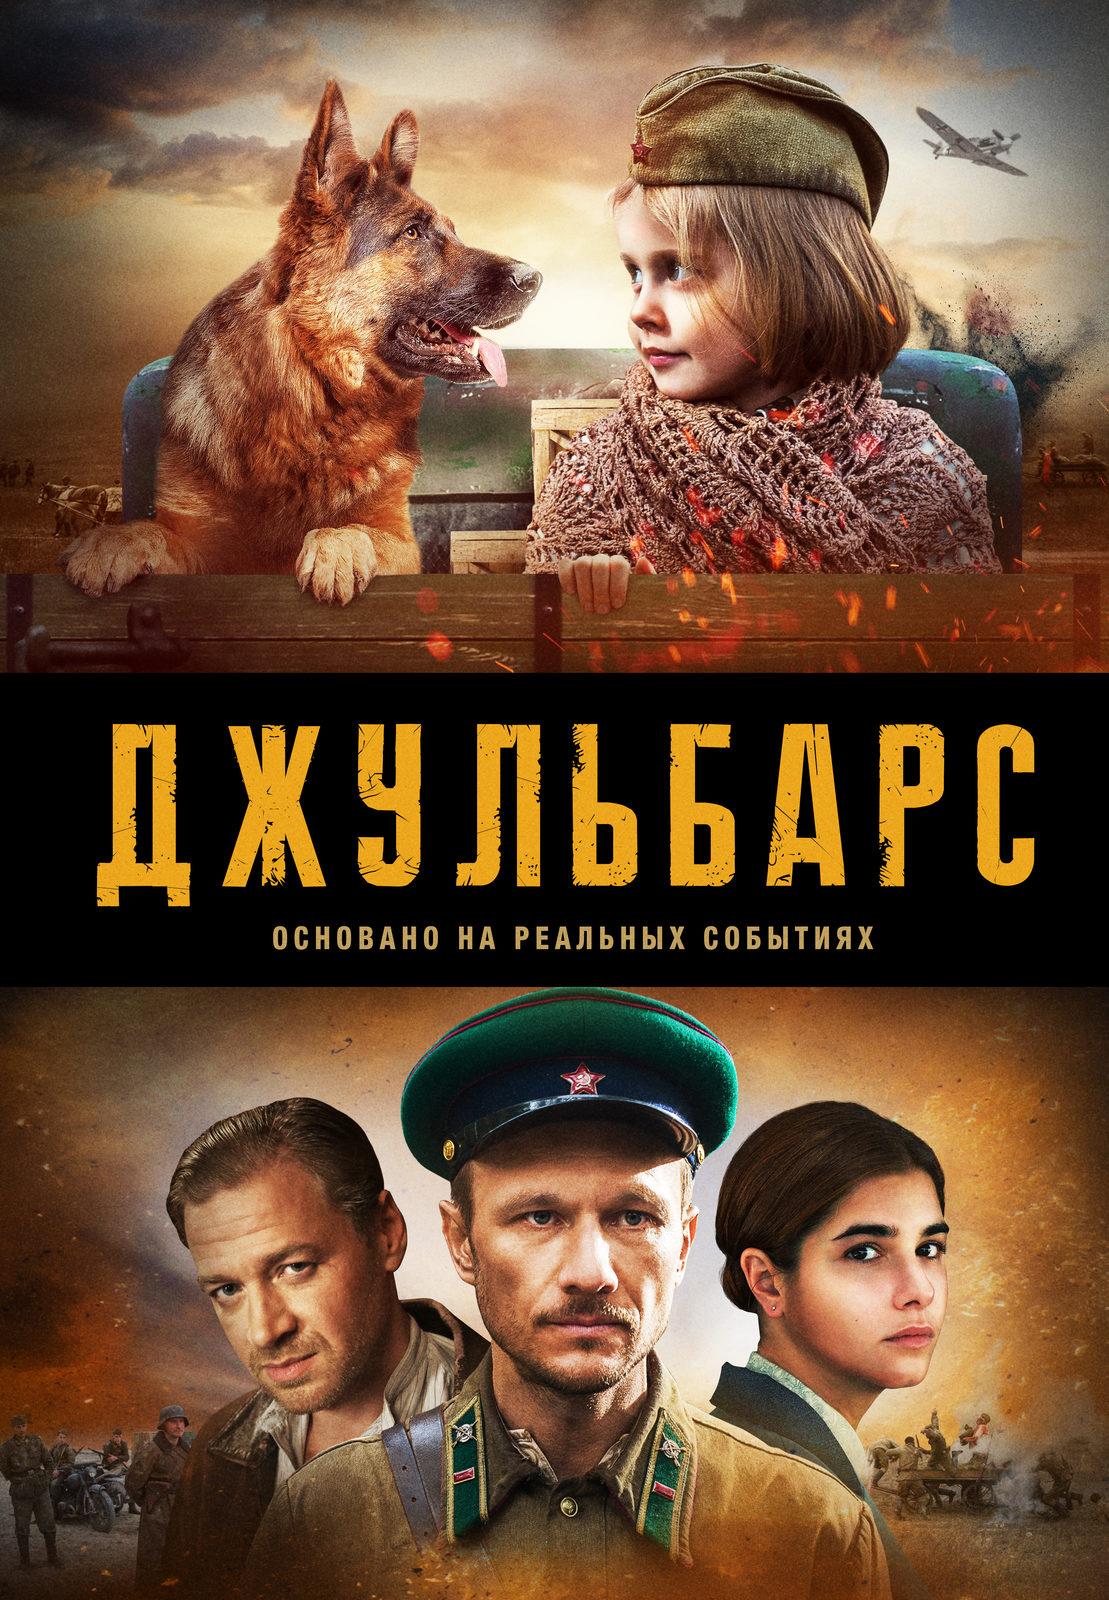 Мария Андреева отправилась в пограншколу собаководства в военной драме «Джульбарс»